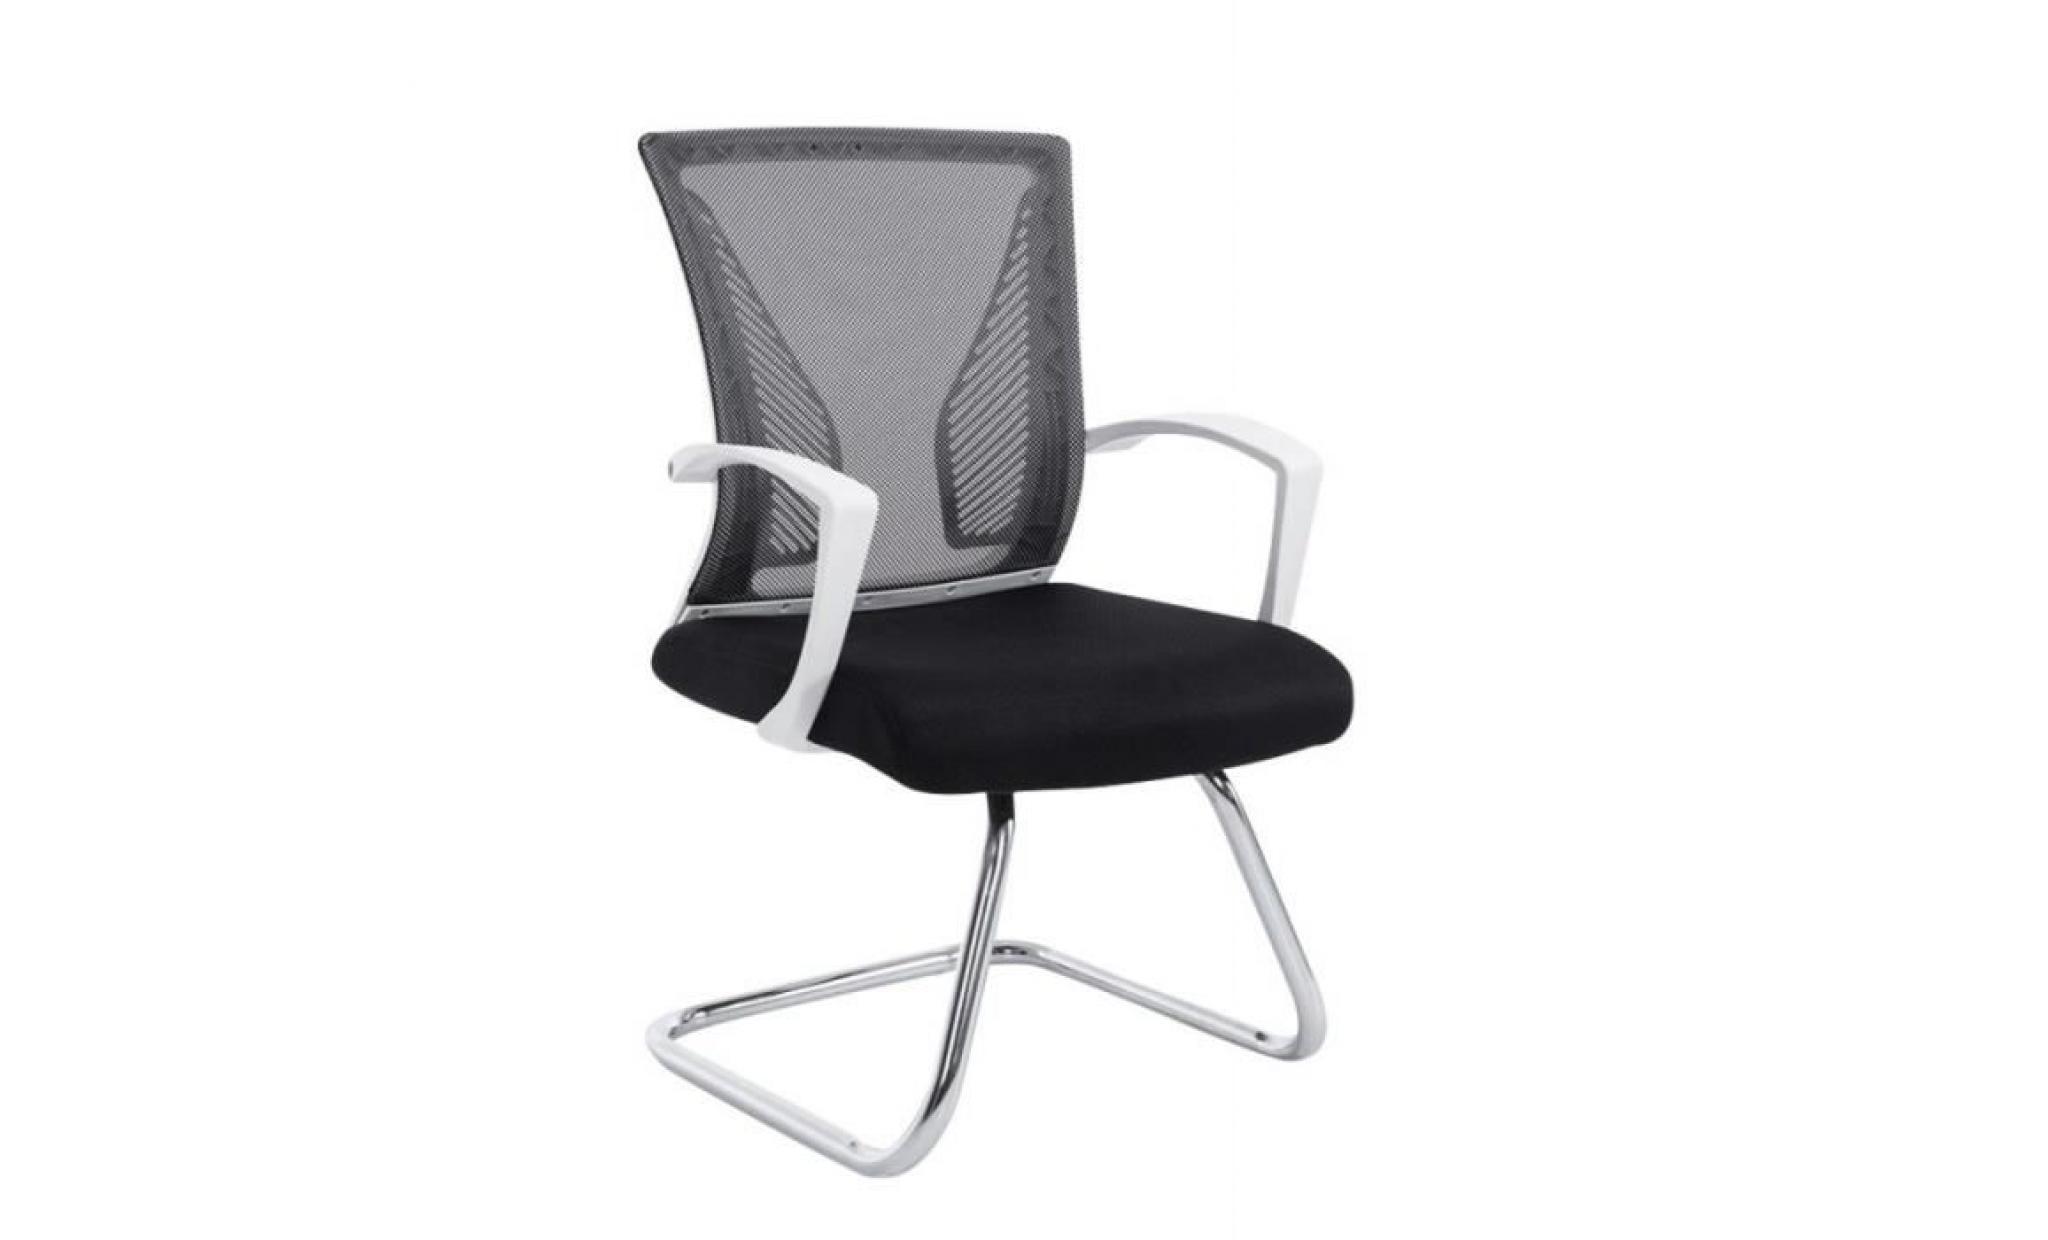 Fauteuil chaise de bureau sans roulette noir tissu et métal chromé